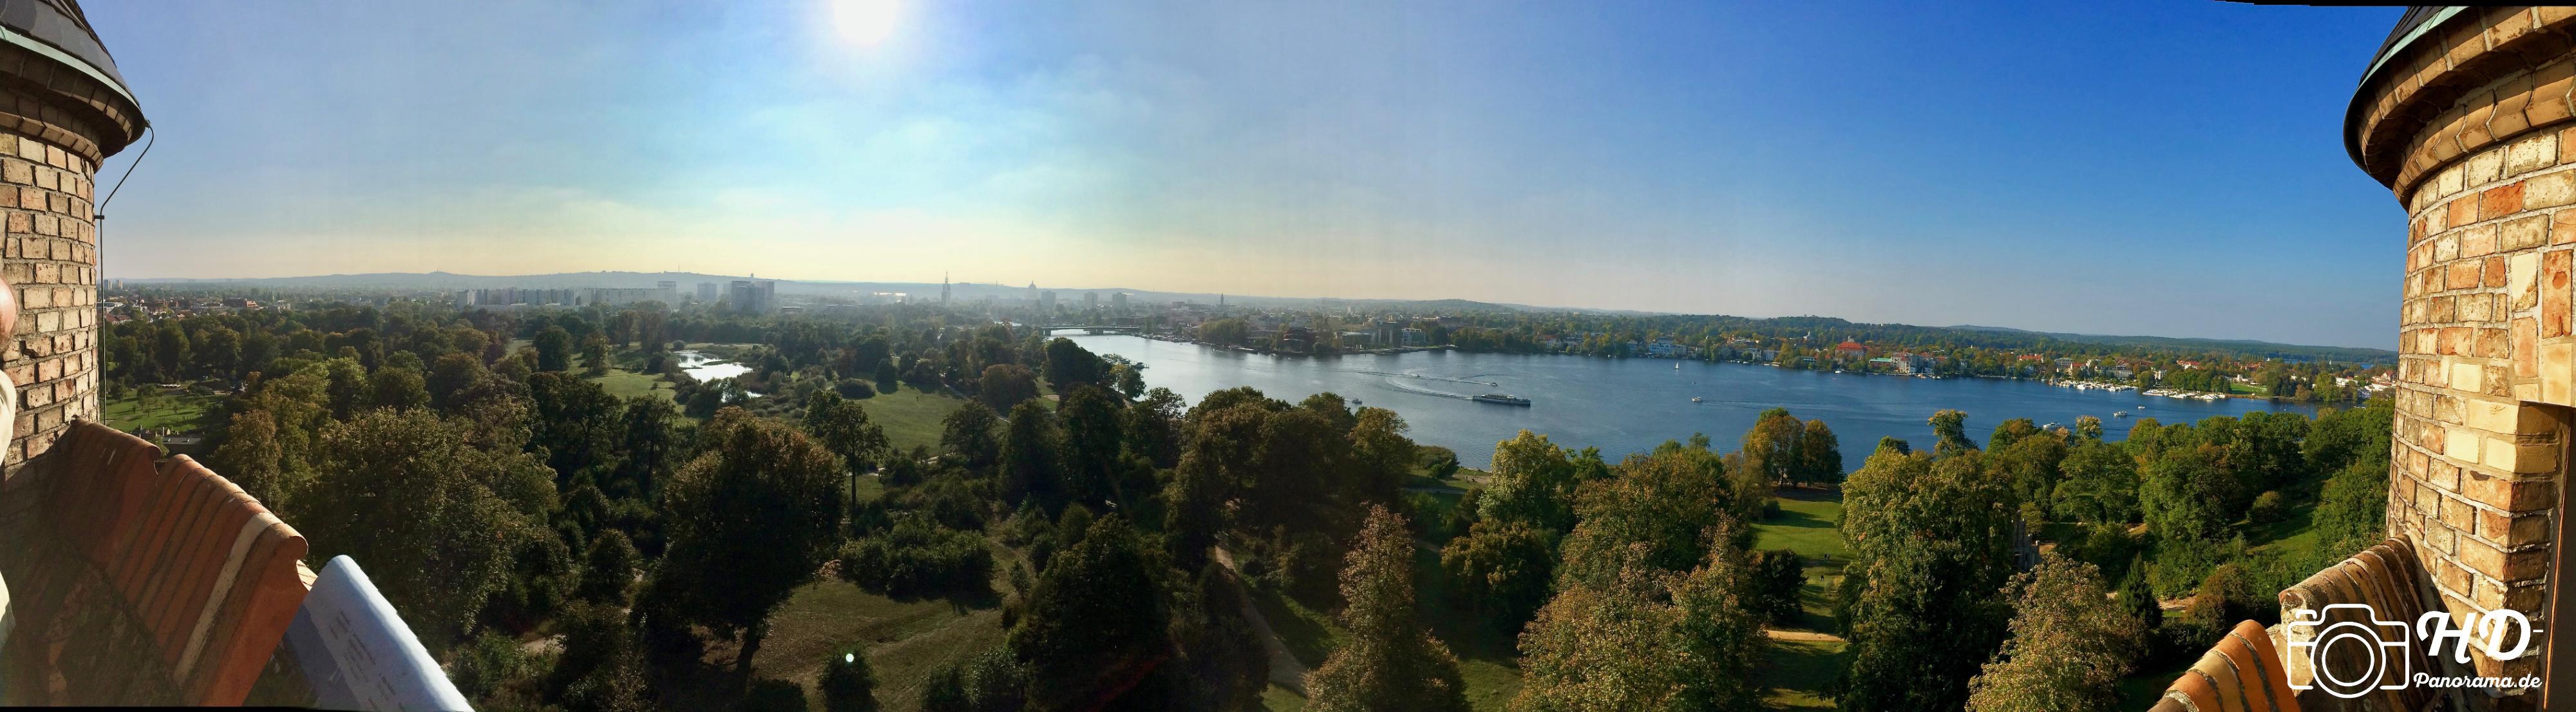 Panorama vom Flatowturm im Park Babelsberg mit Blickrichtung nach Westen, im Vordergrund der Babelsberger Park und der Tiefe See, dahinter die Innenstadt links und die Berliner Vorstadt rechts - HD-Panorama © René Blanke